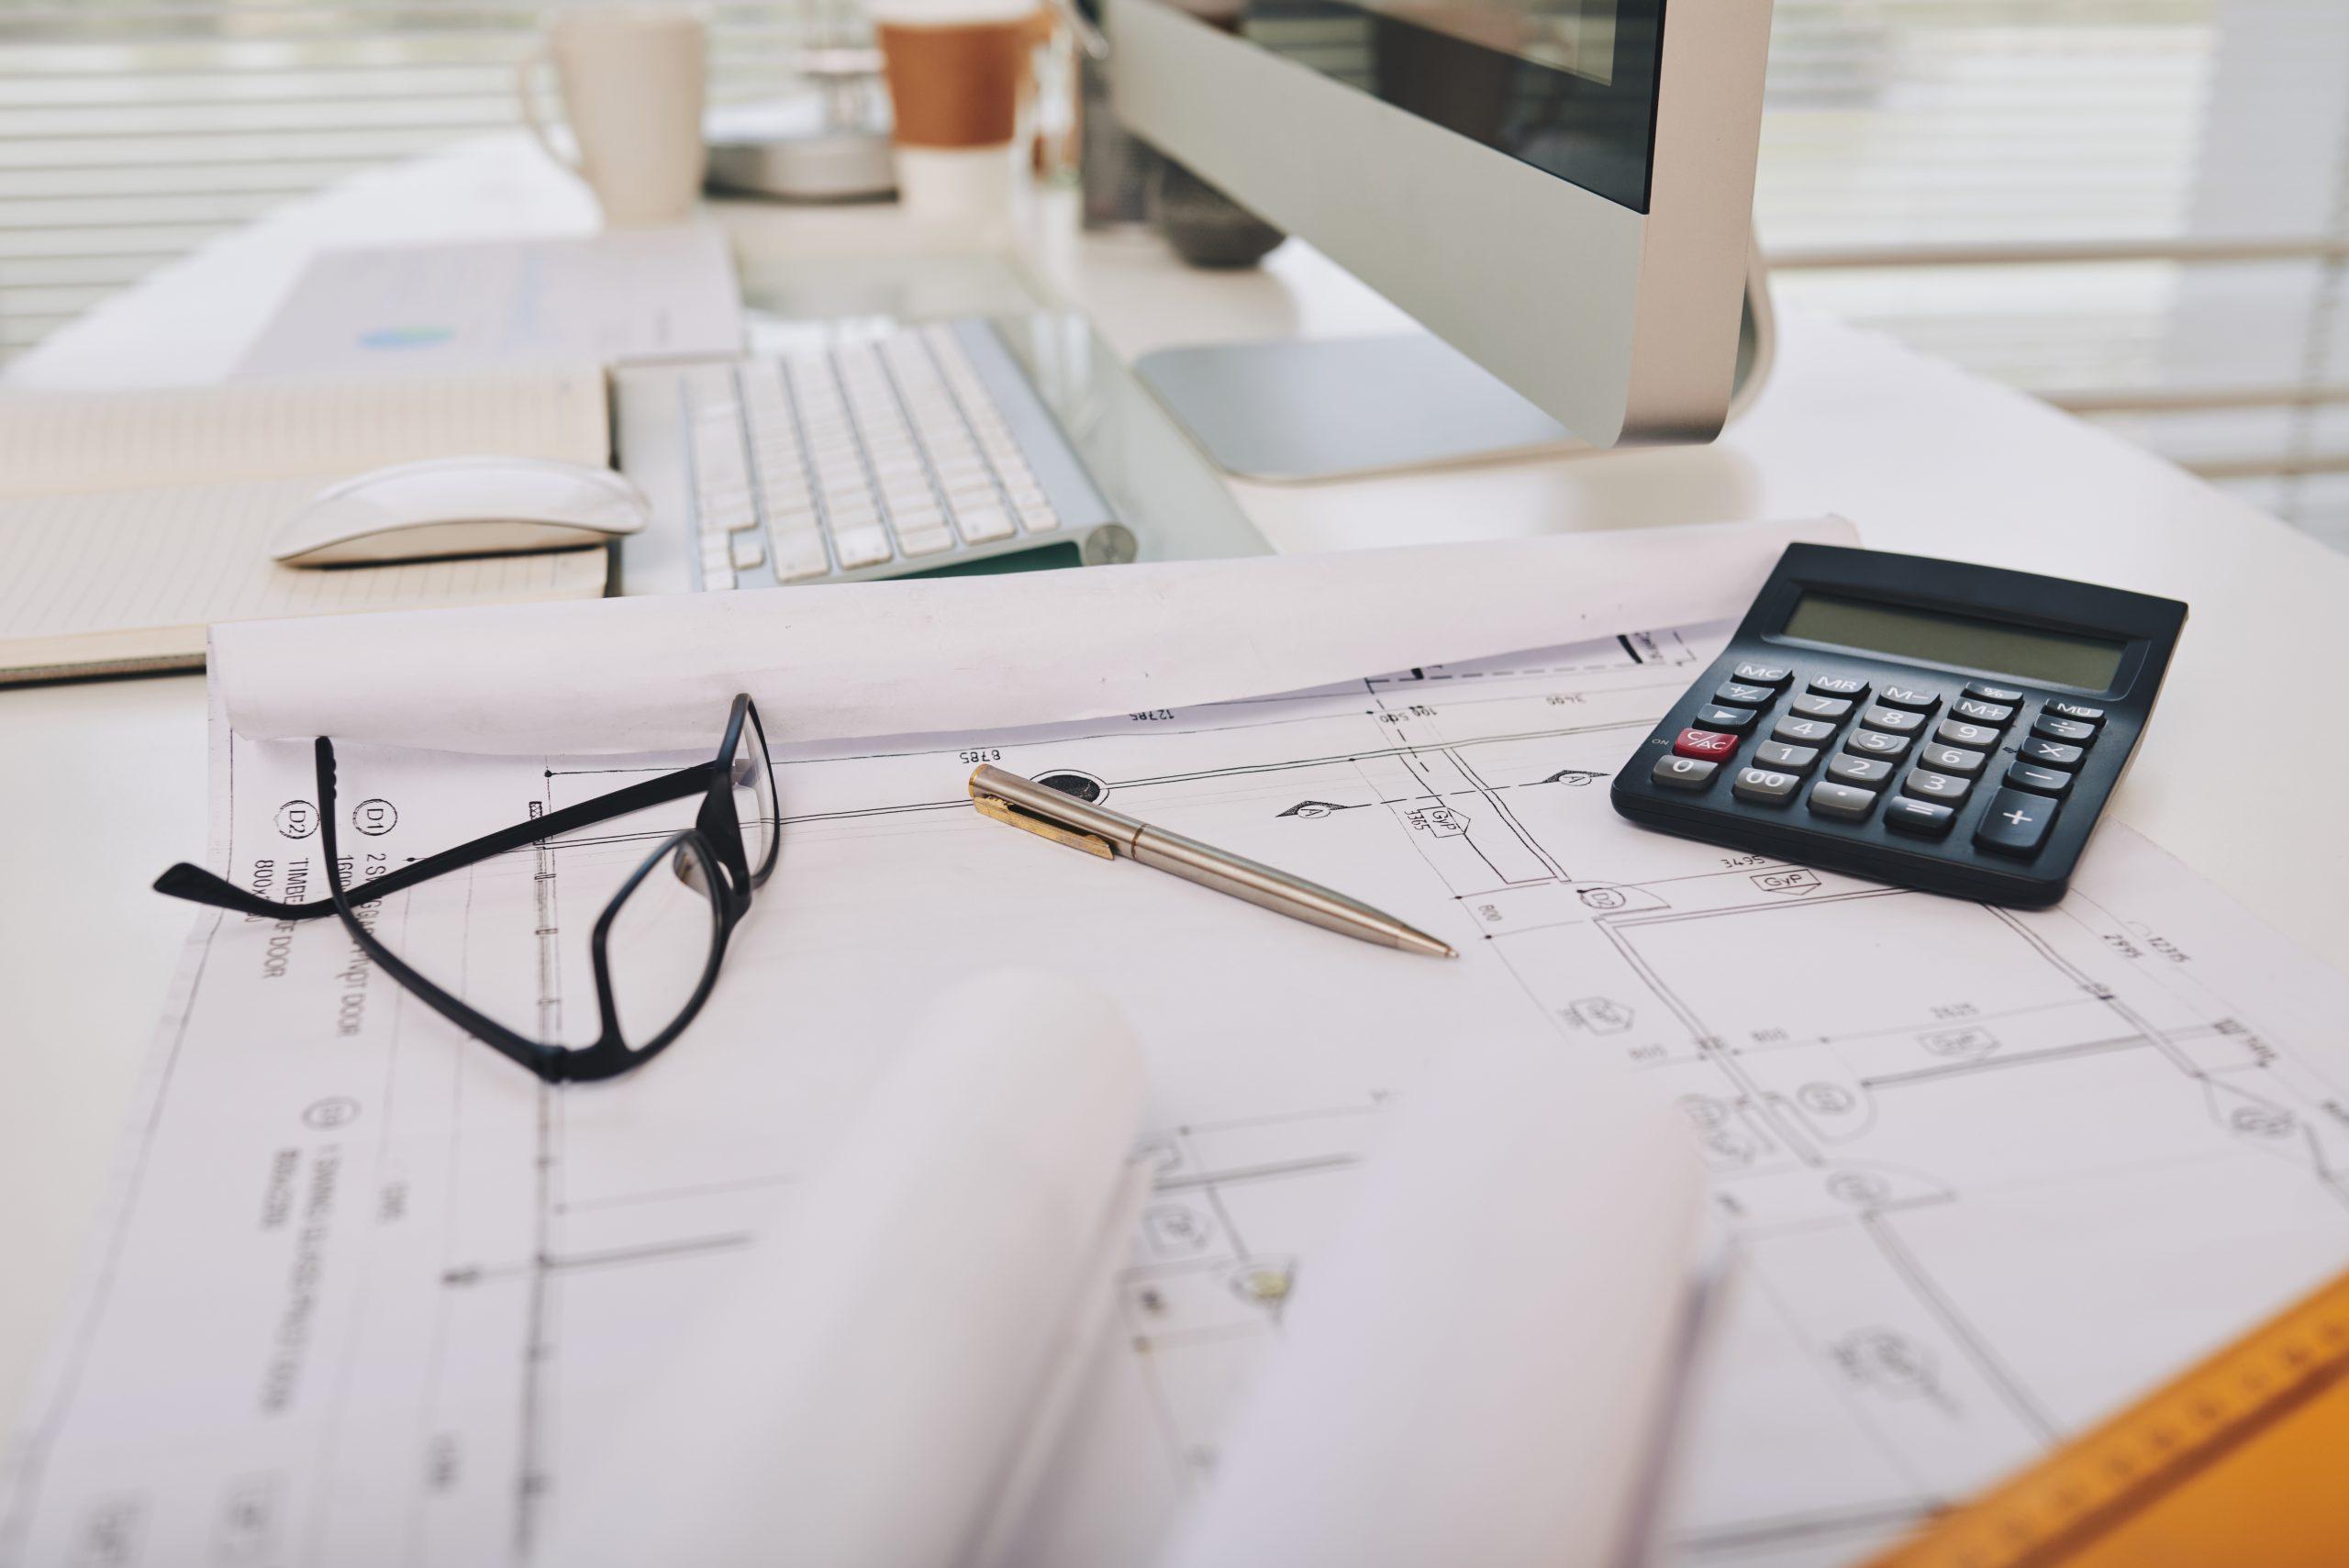 Modelagem, dimensionamento, análise e detalhamento do projeto de engenharia